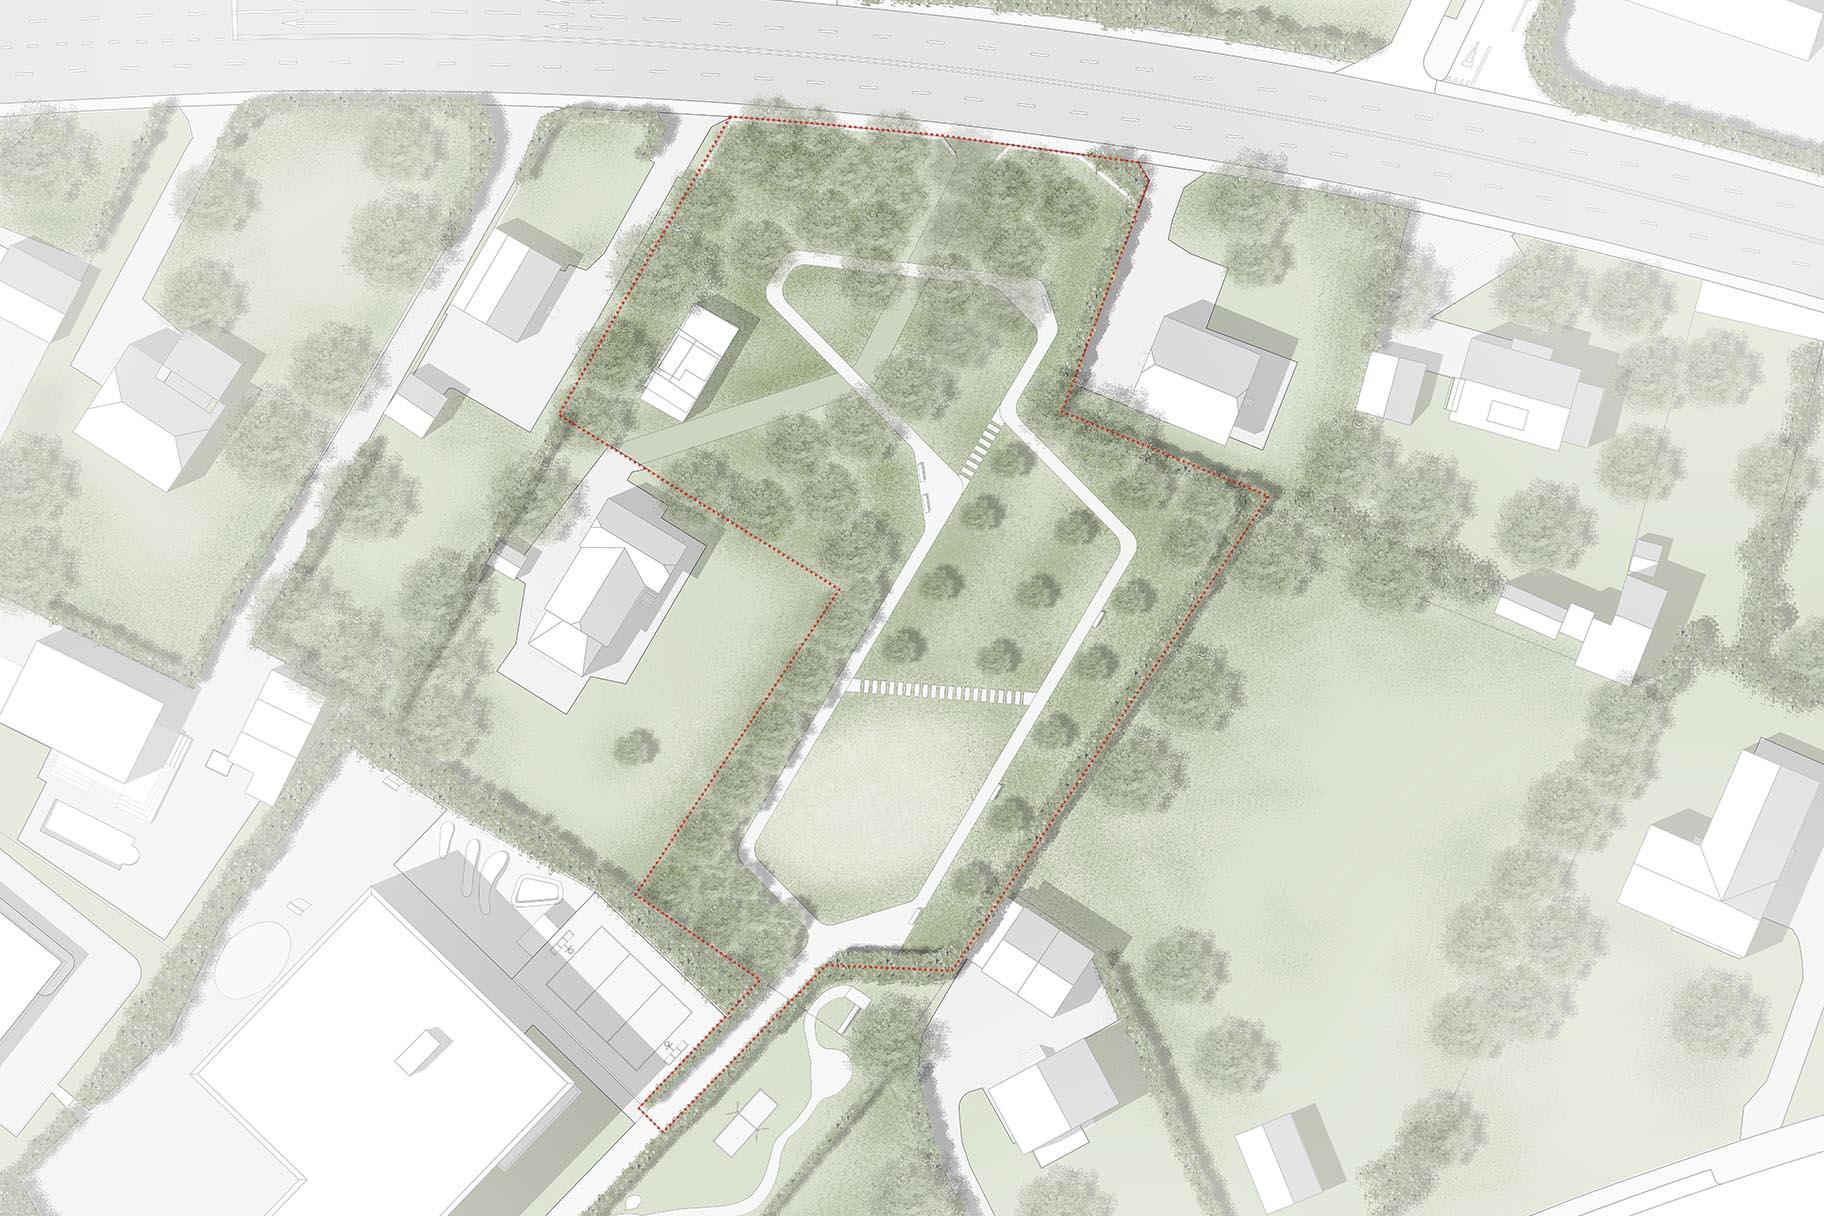 Plan masse d'avant-projet pour le parc du Signal jouxtant l'école allemande de Genève à Vernier, par le bureau VIMADE Architectes paysagistes